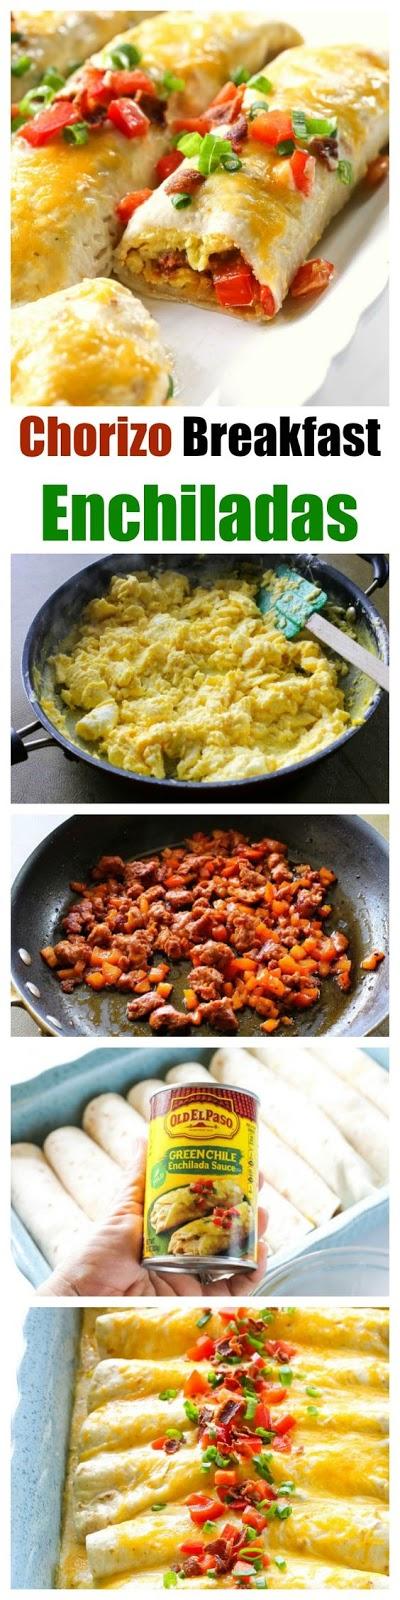 Chorizo Breakfast Enchiladas